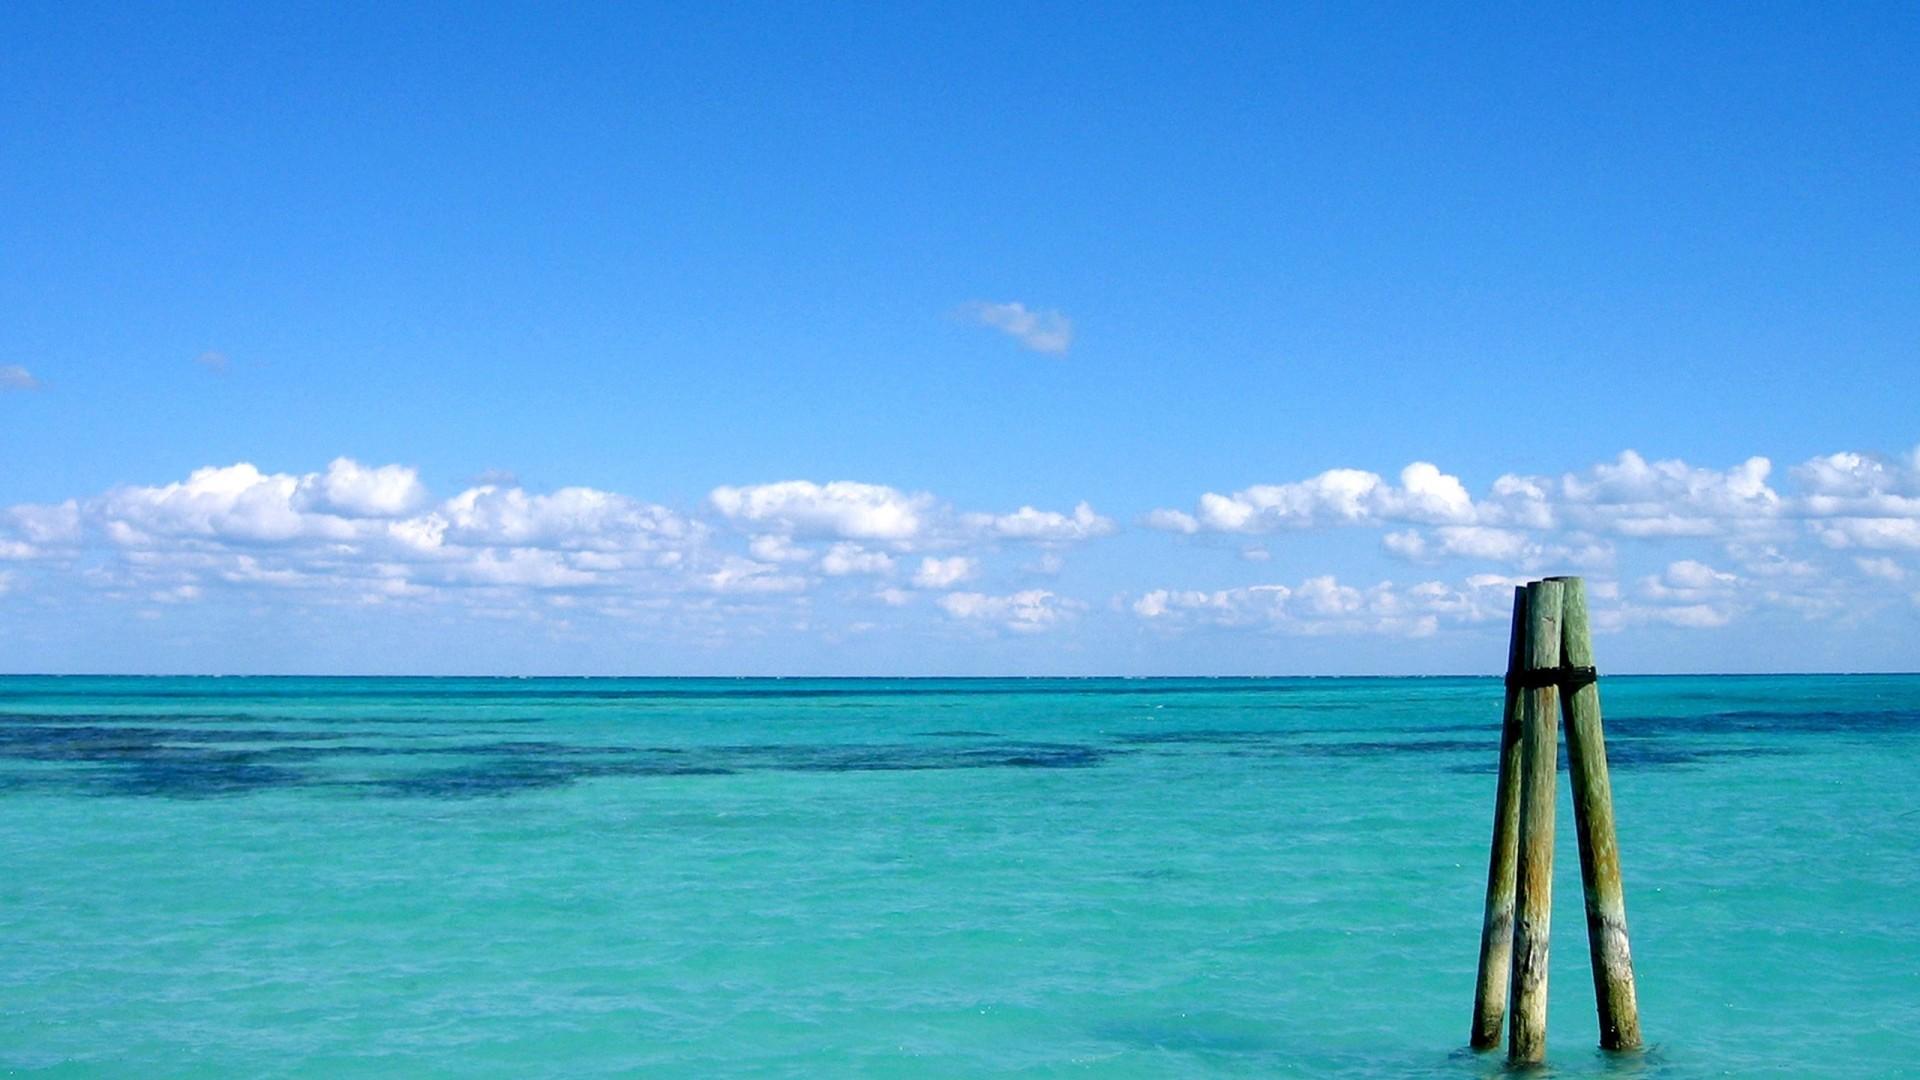 Ocean Screensaver wallpaper   1131063 1920x1080